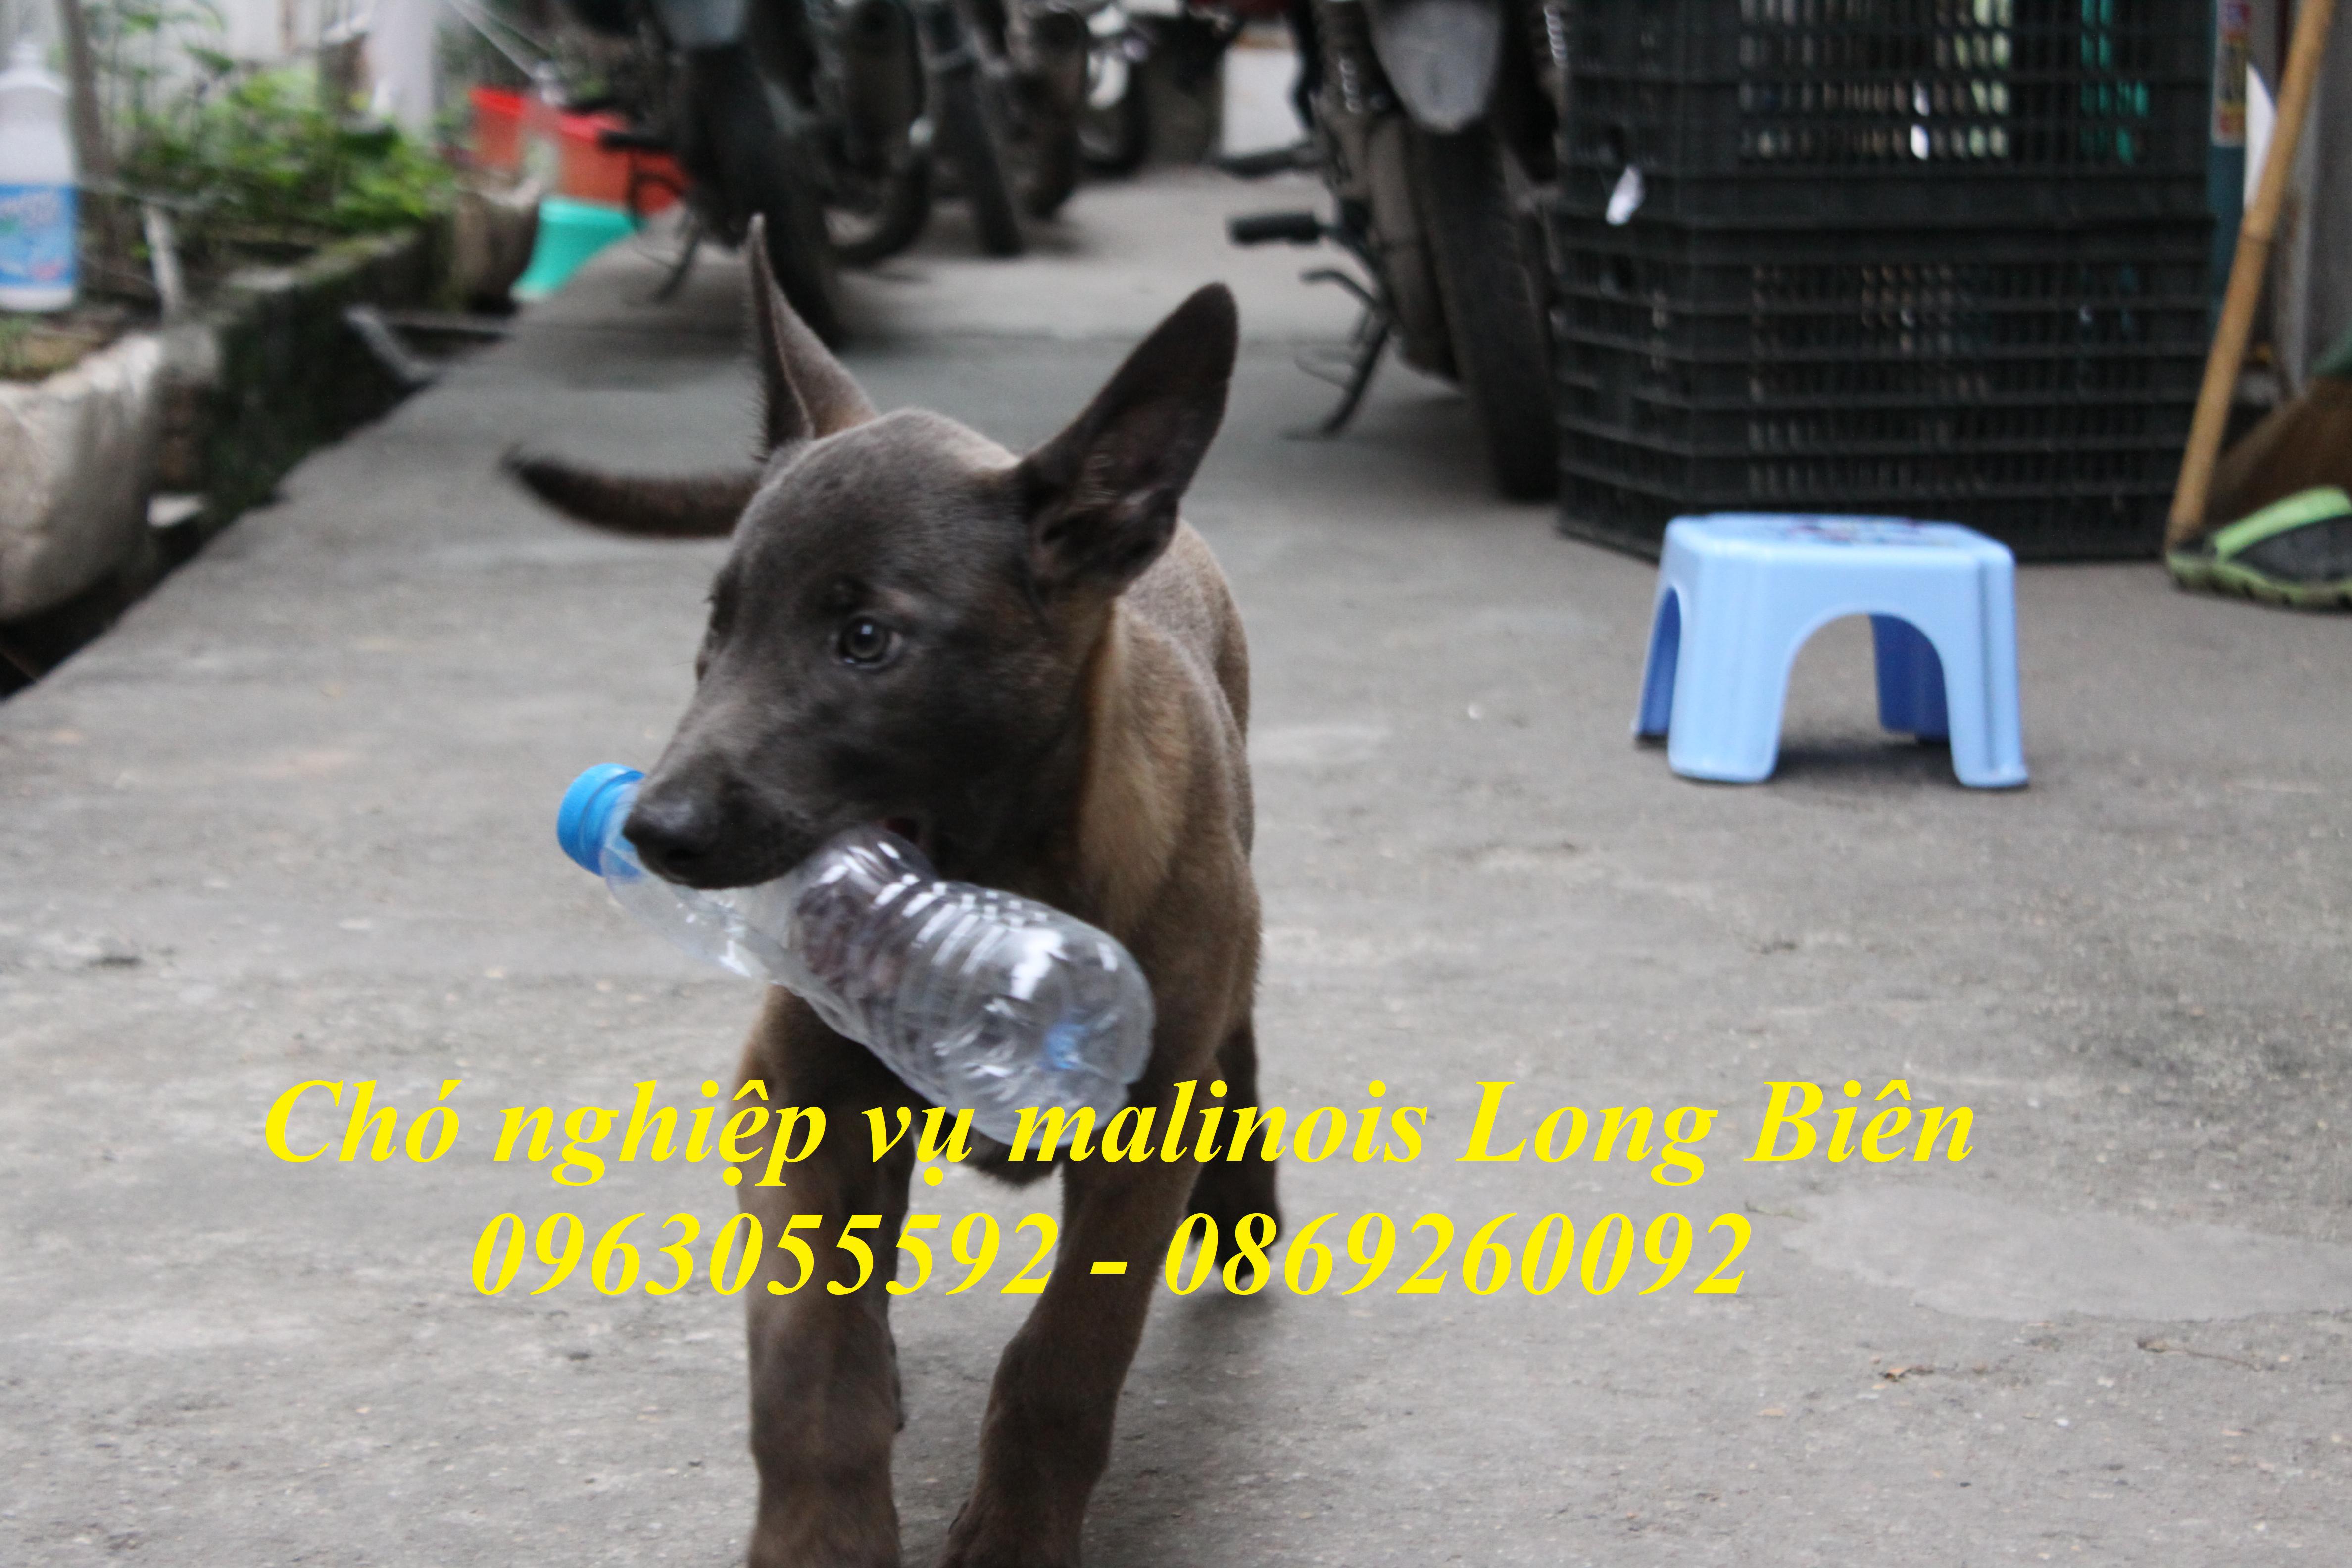 Địa chỉ bán chó becgie bỉ uy tín tại Long Biên Hà Nội